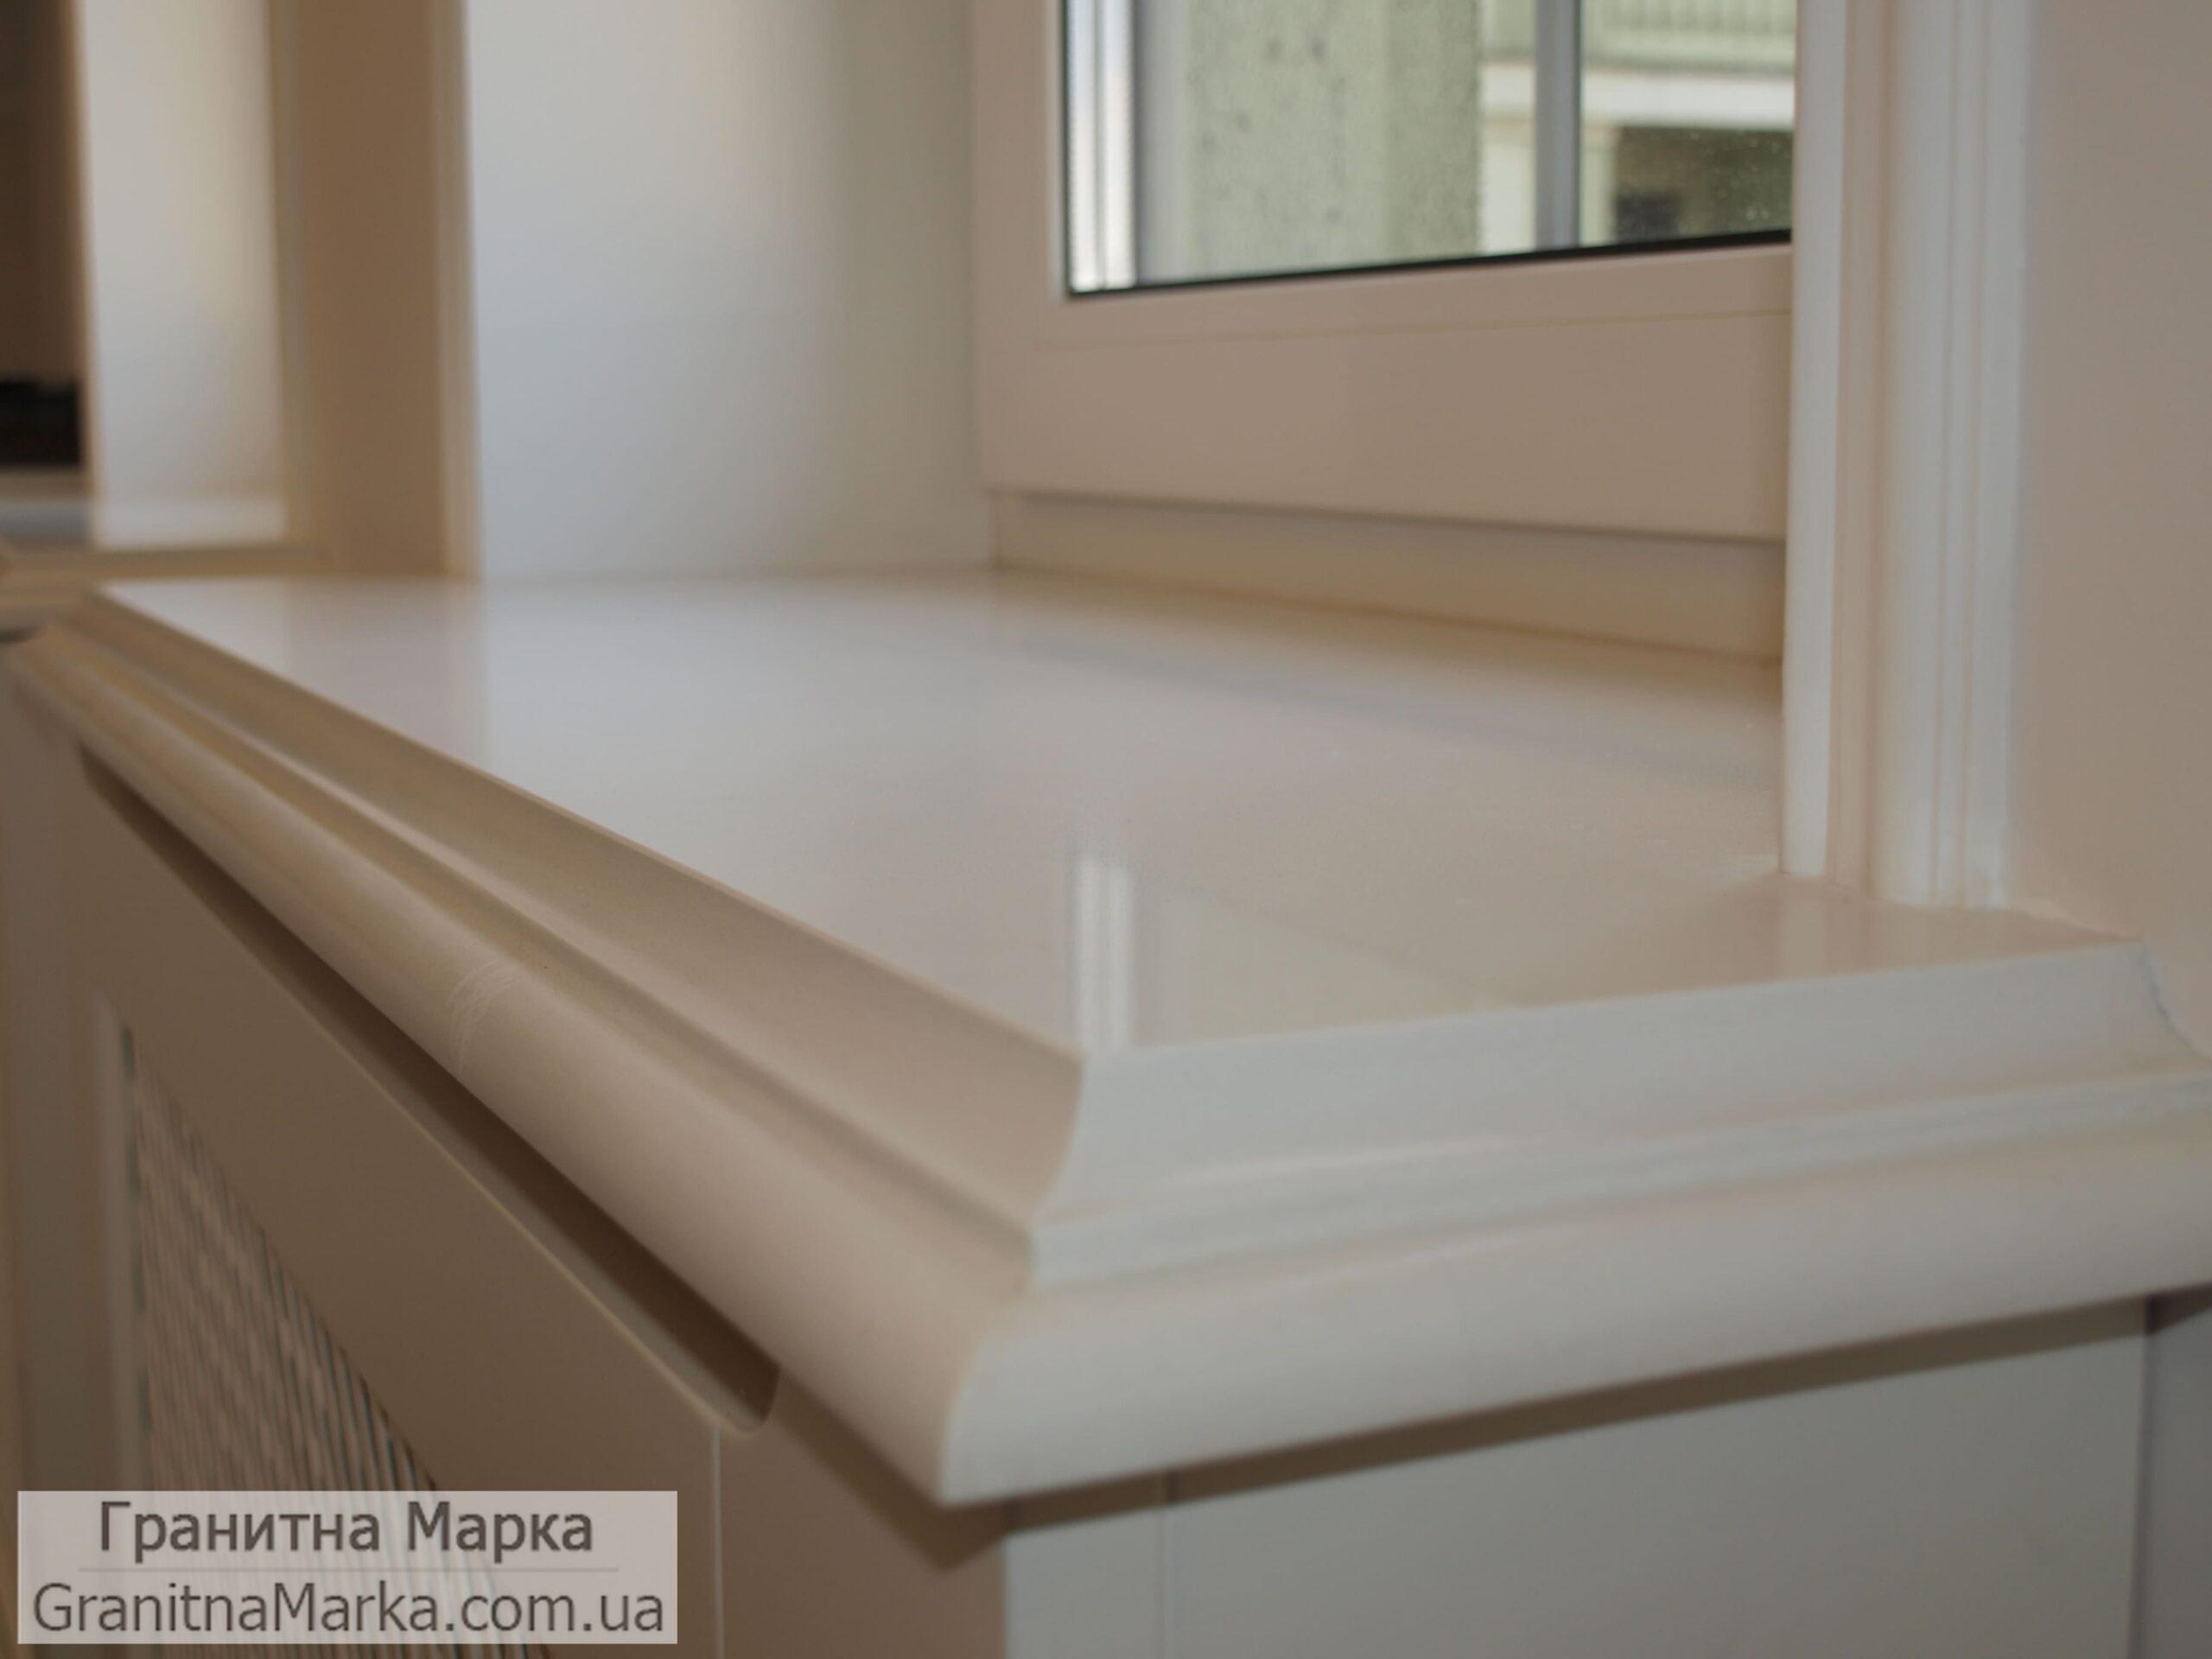 Мраморный подоконник белого цвета с фигурной фрезой, фото №58